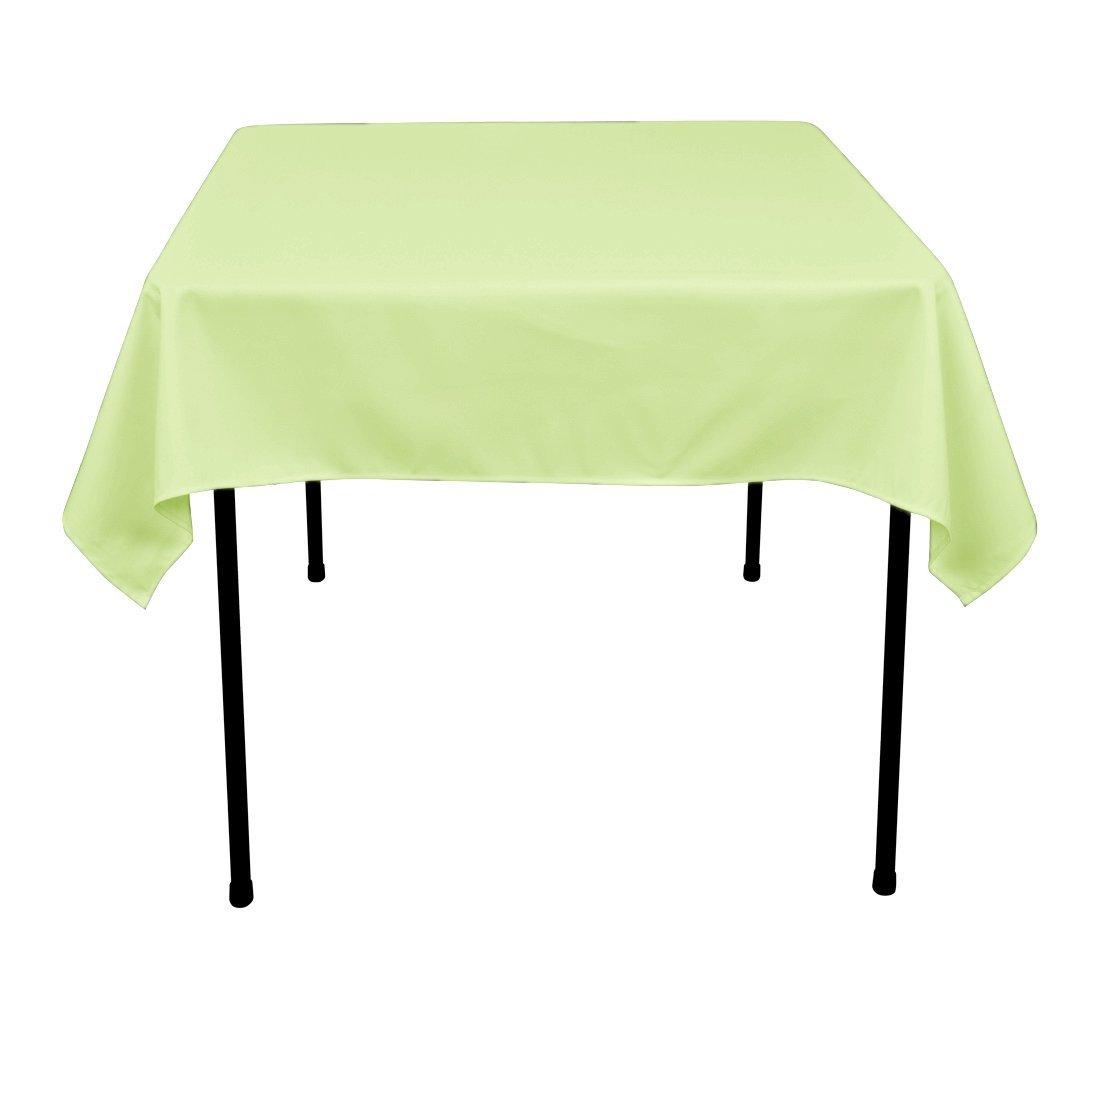 Toalha verde citrus